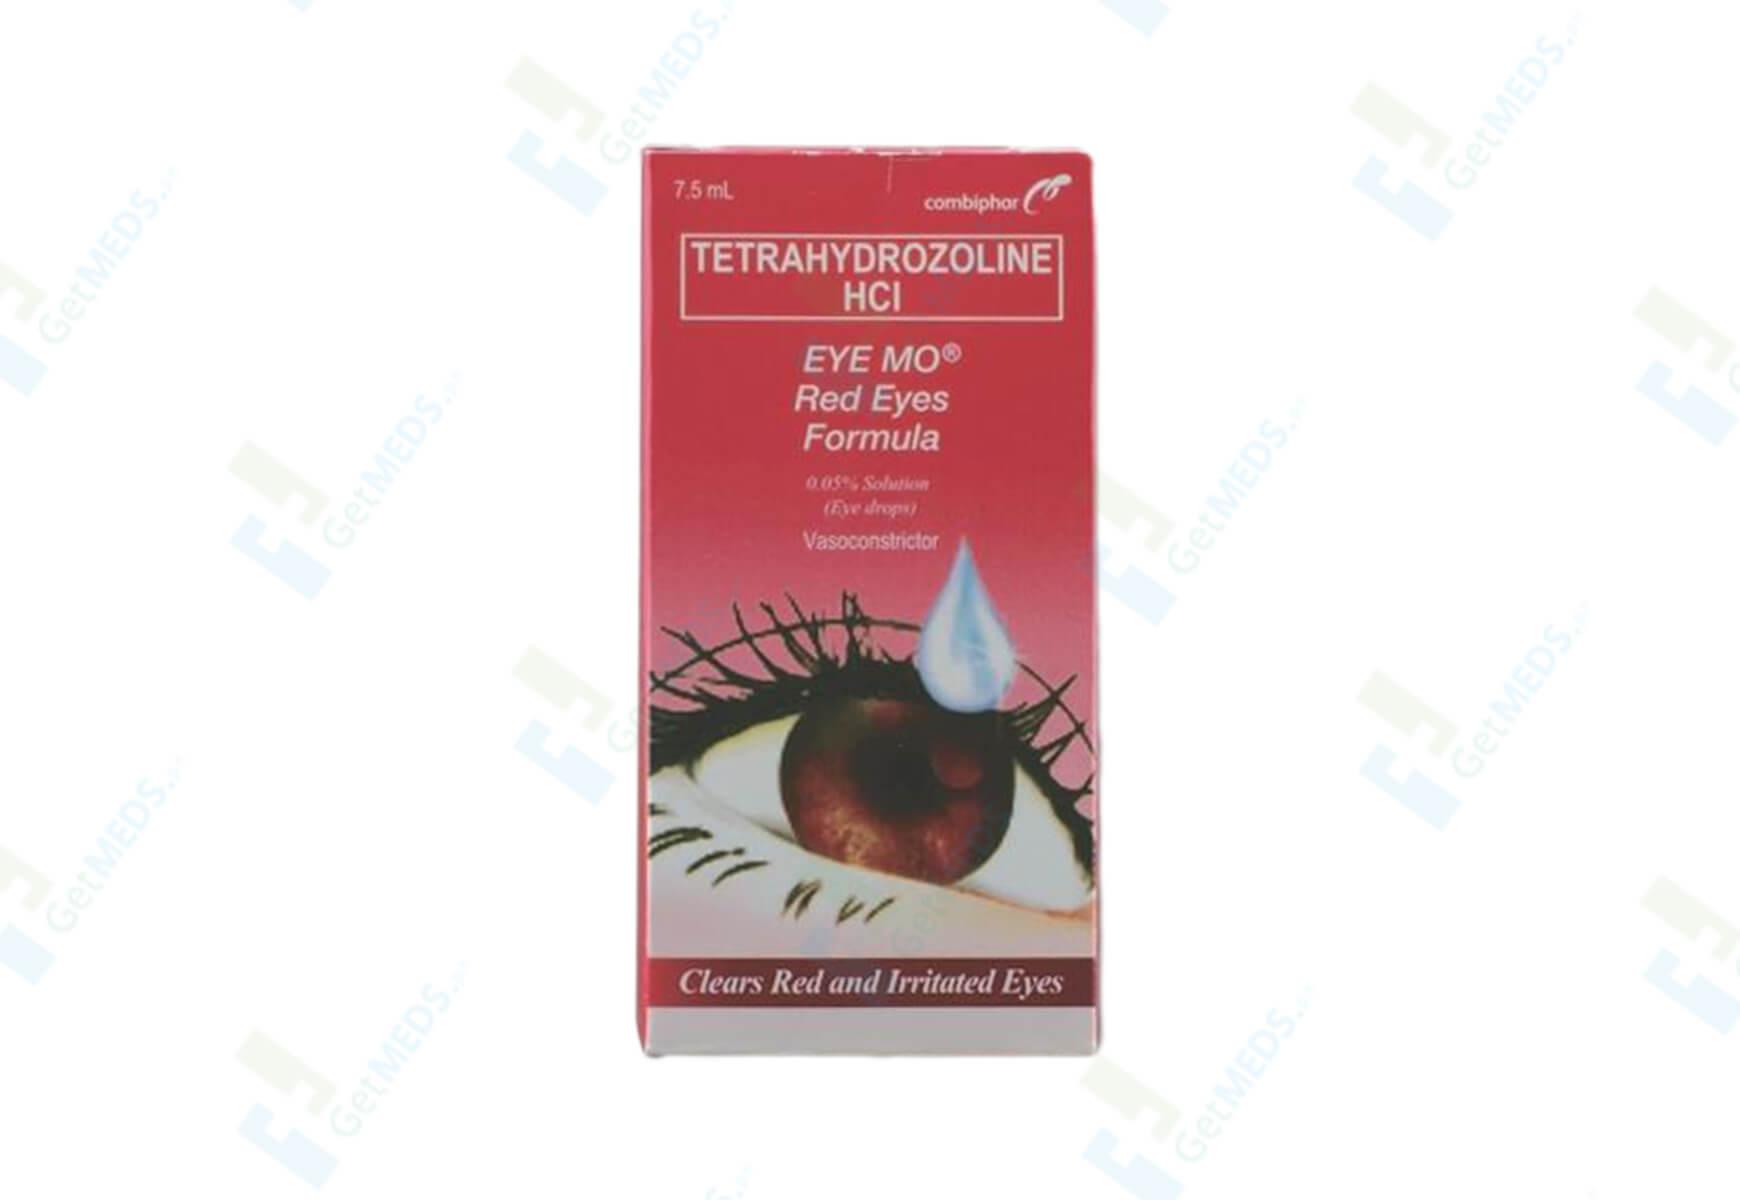 Eye Mo Red Eyes Formula